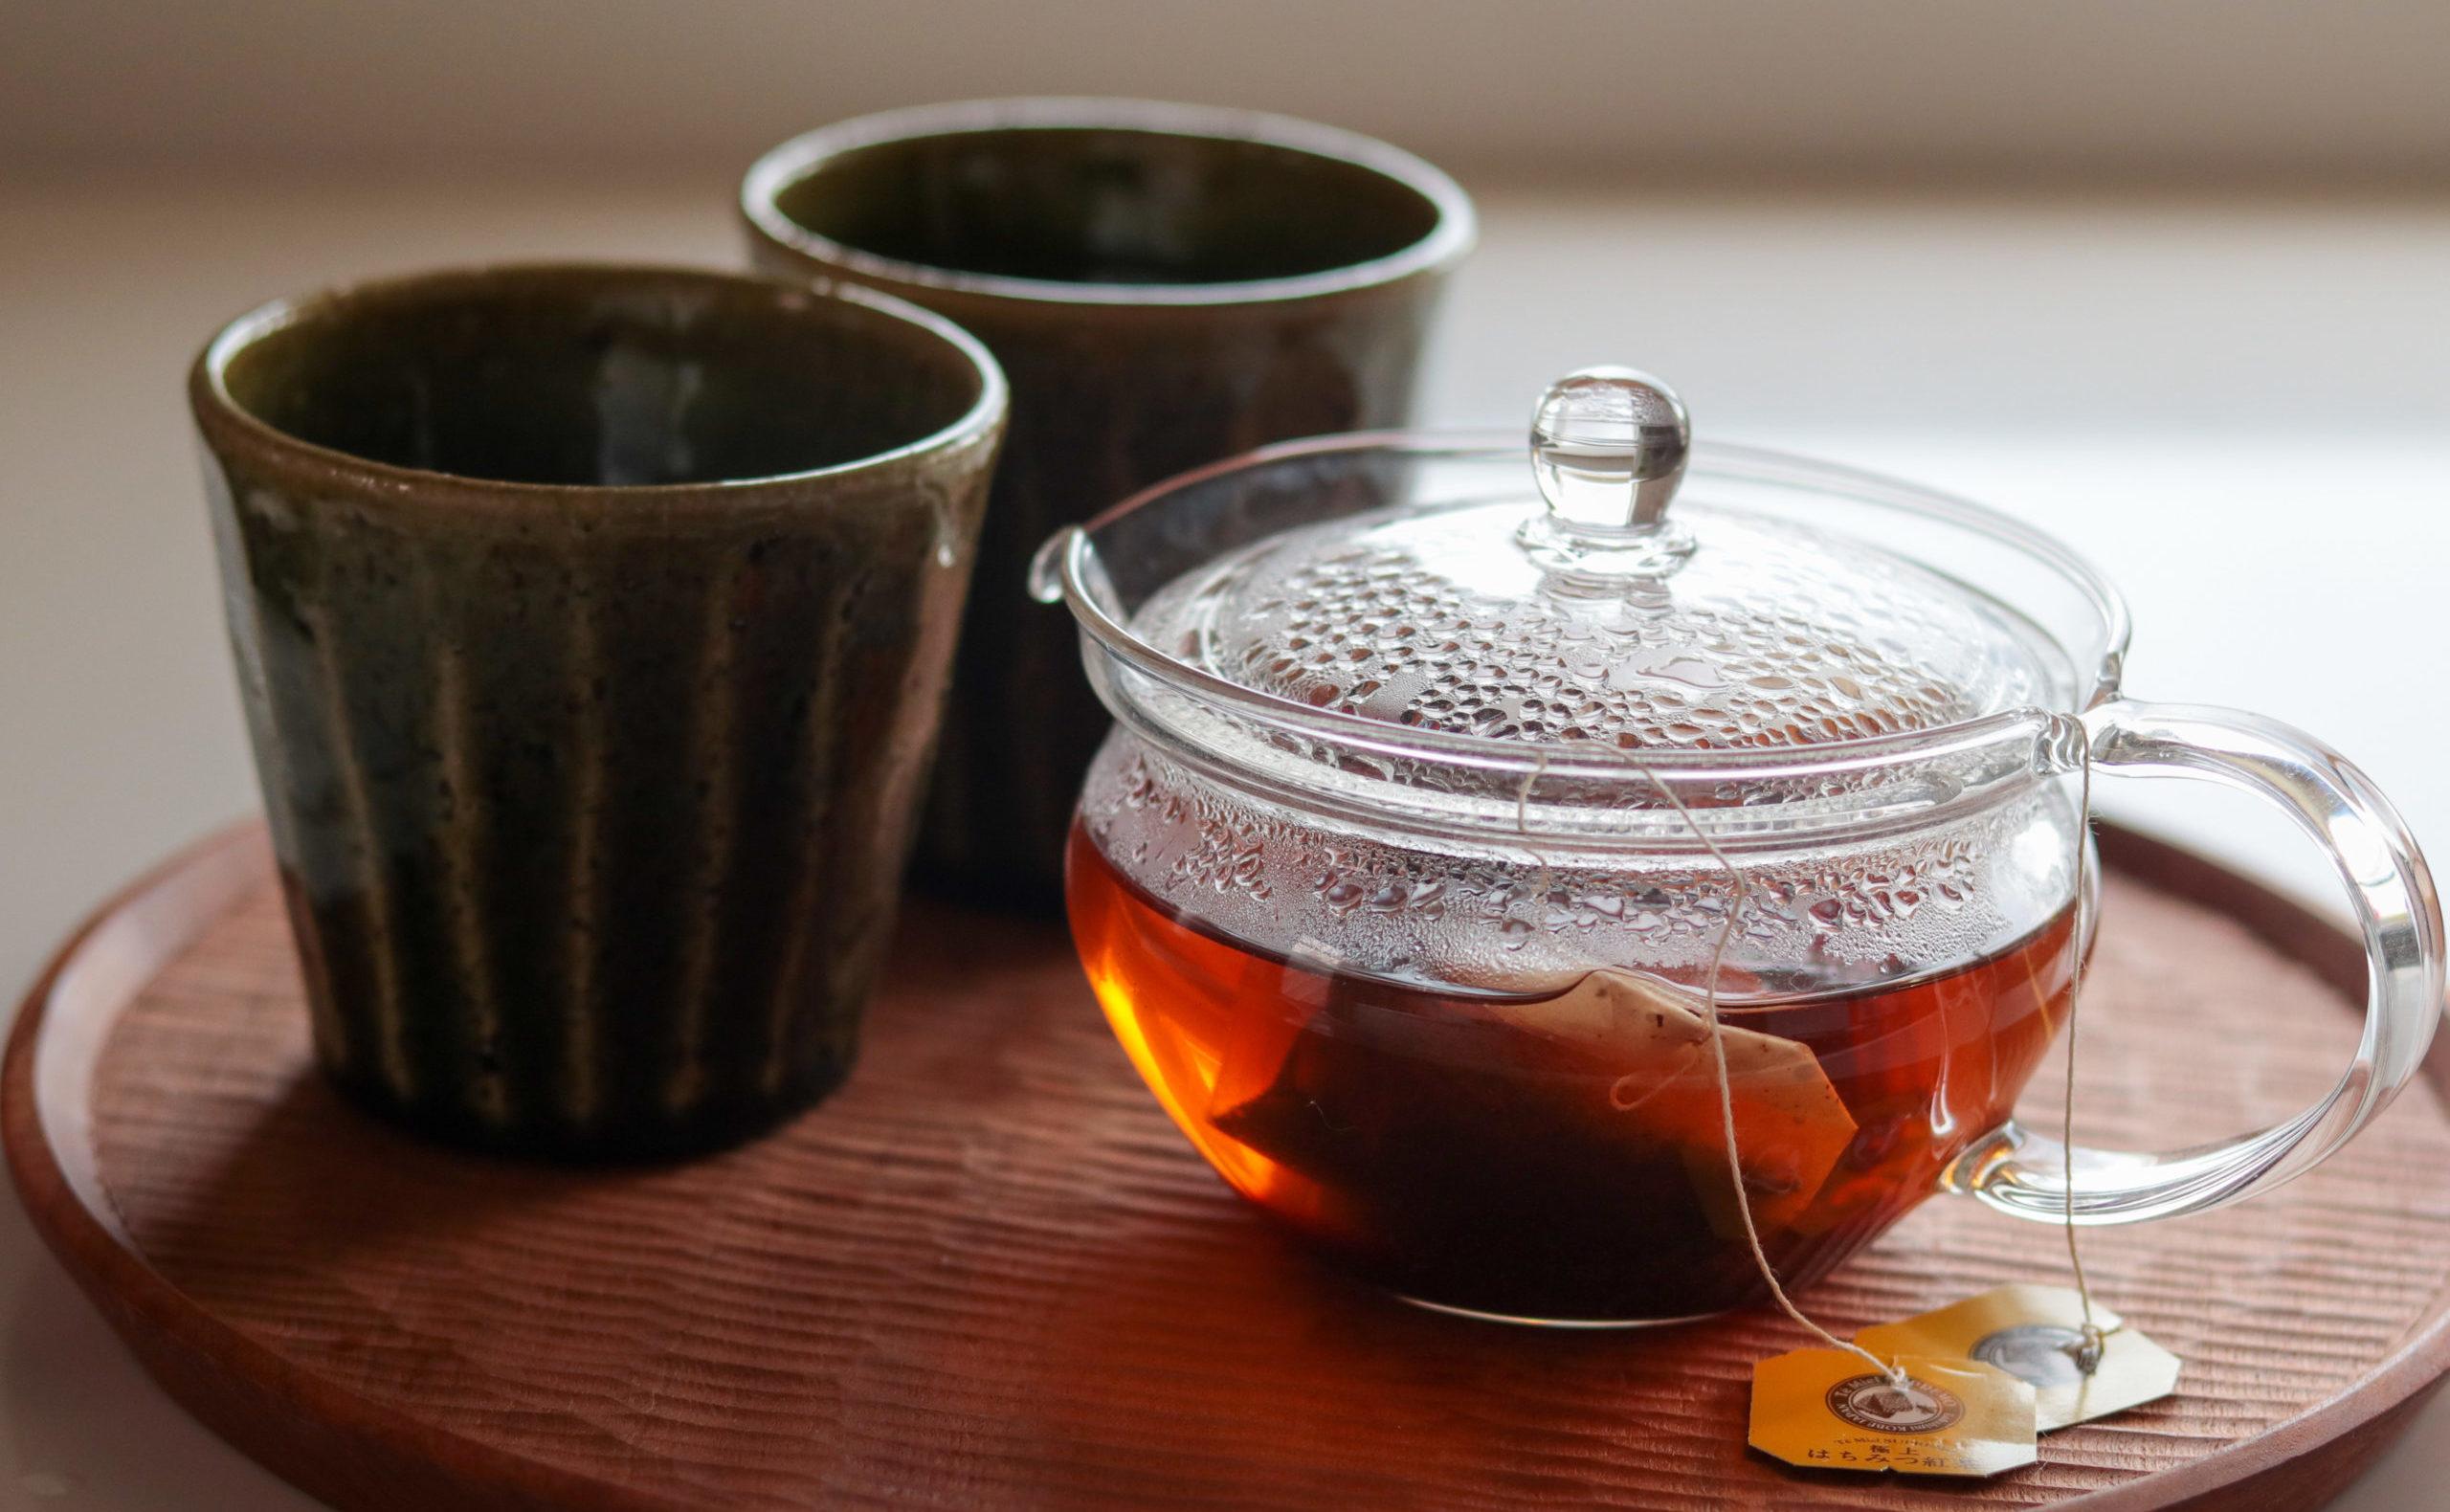 【ラクシュミーの極上はちみつ紅茶】ほっとする甘さと香りが、山歩きや家でのひとやすみにぴったり